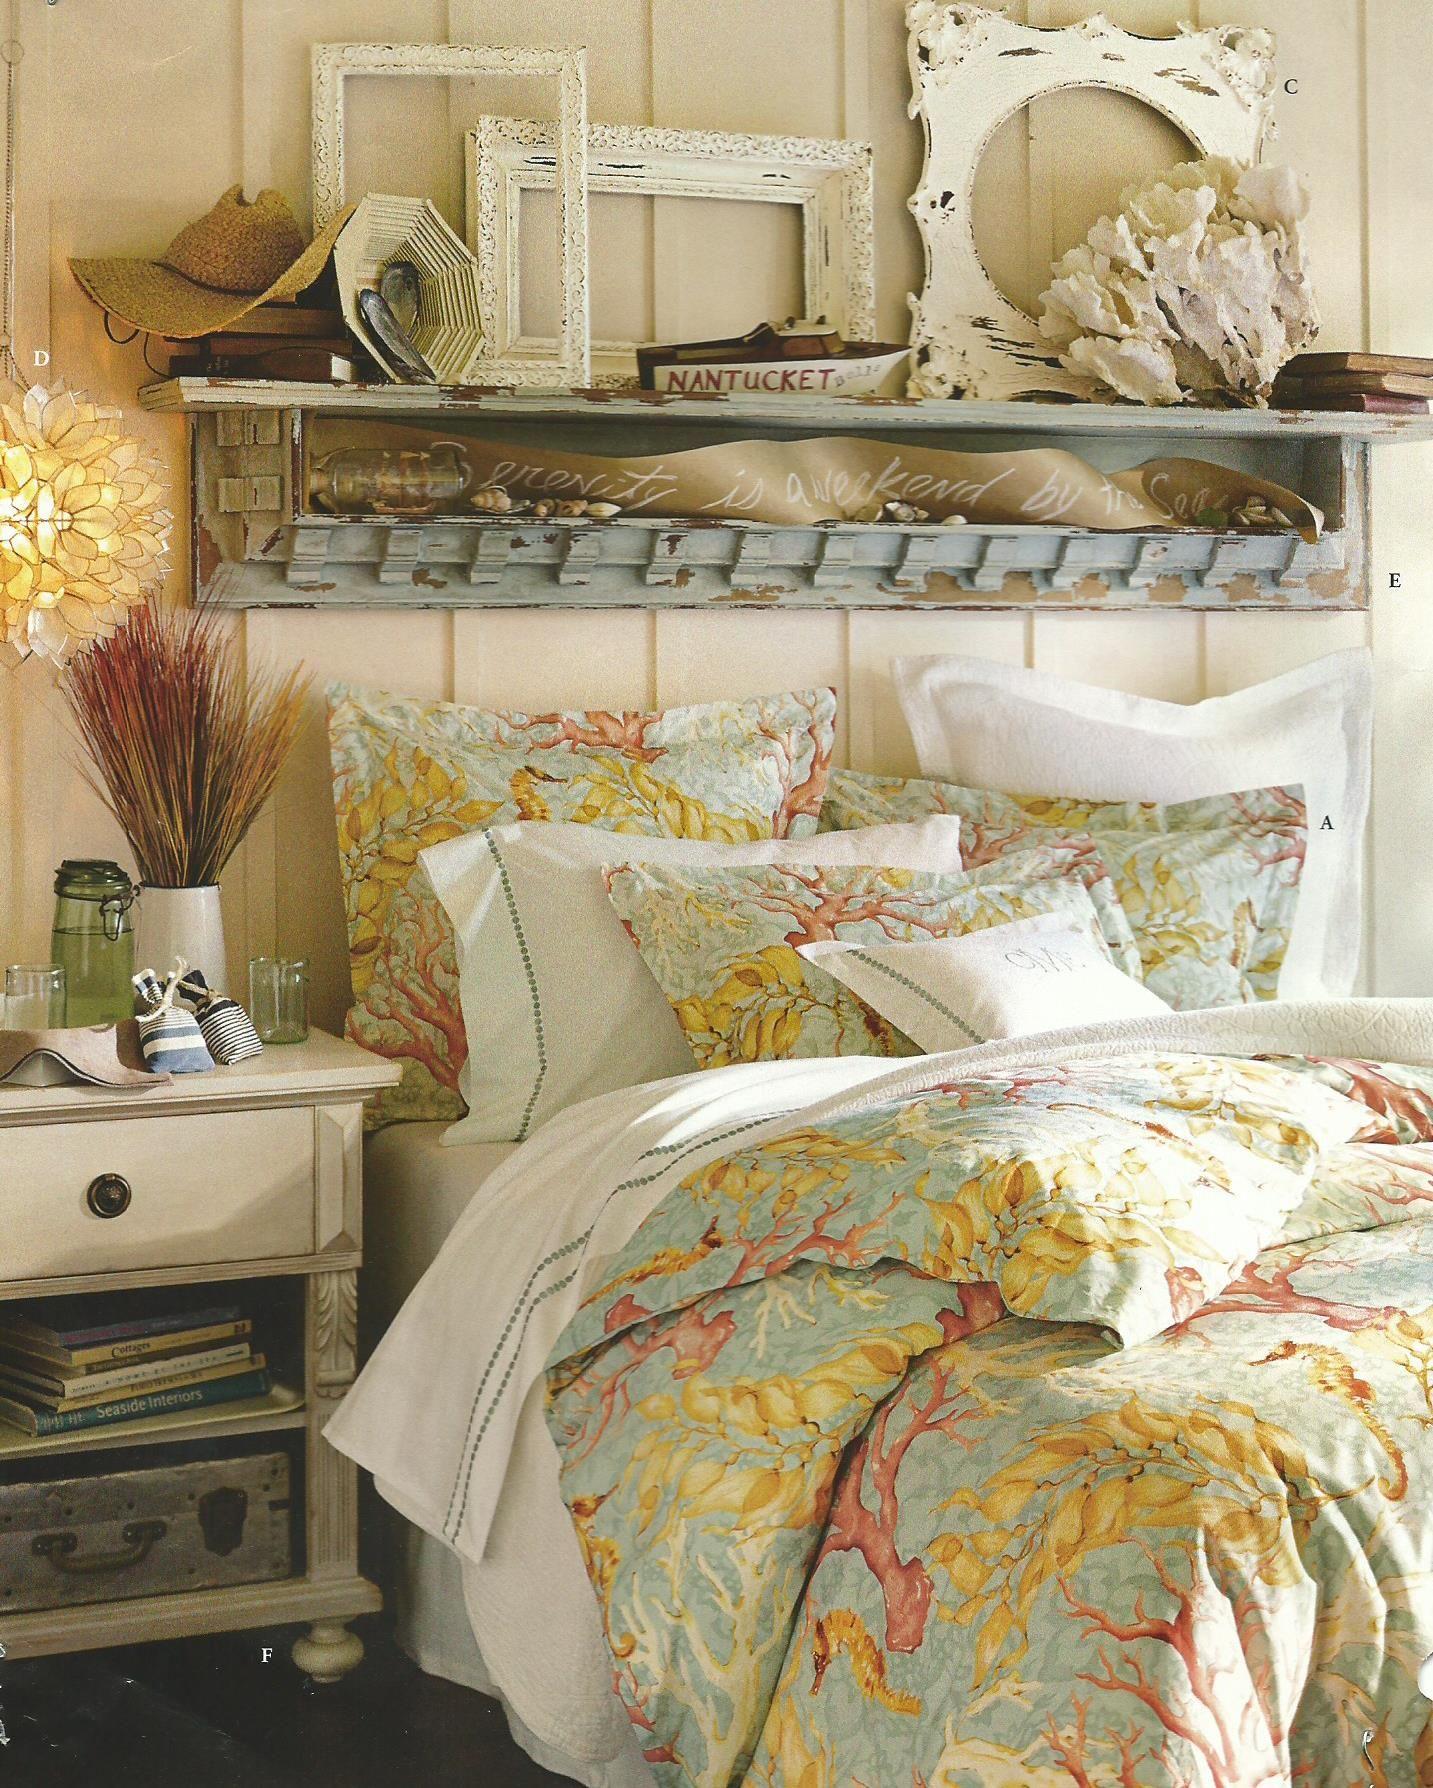 Share - Ocean themed bedroom ...